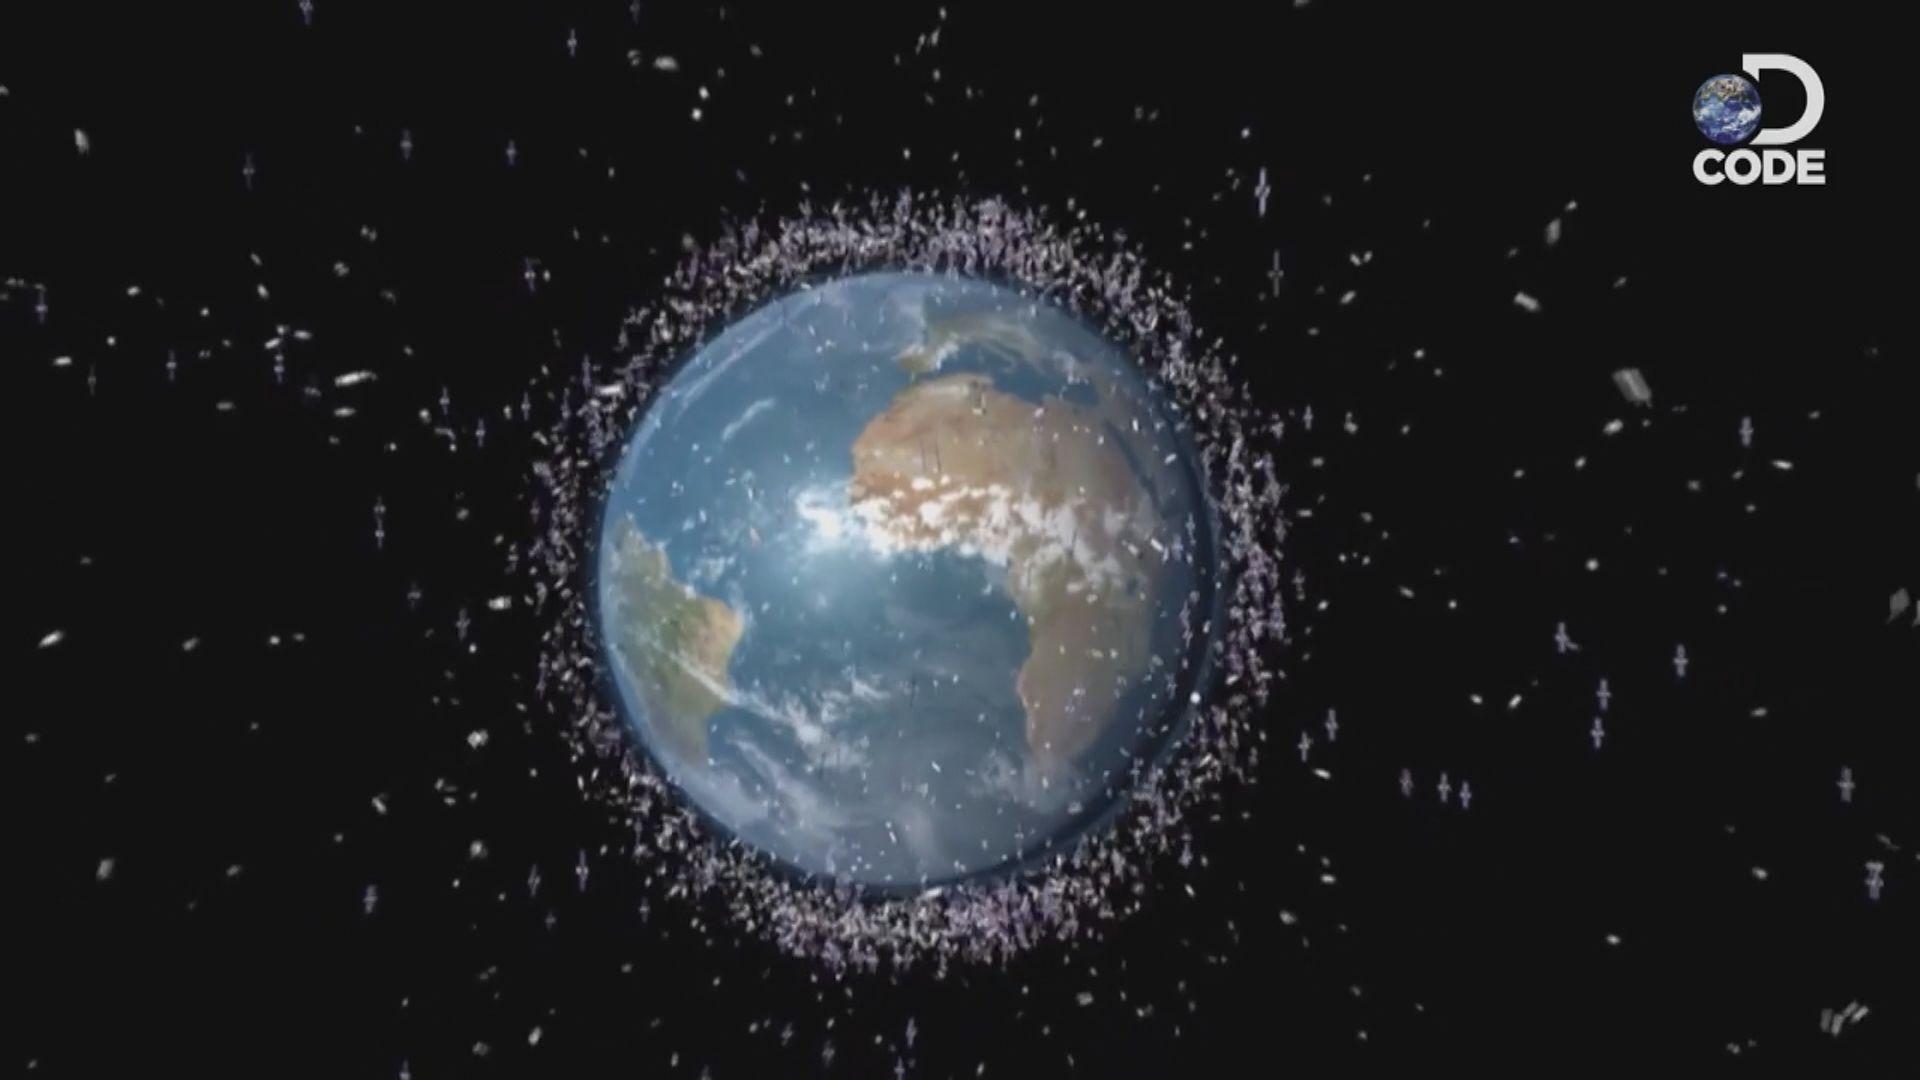 太空垃圾返回地球有機會造成污染